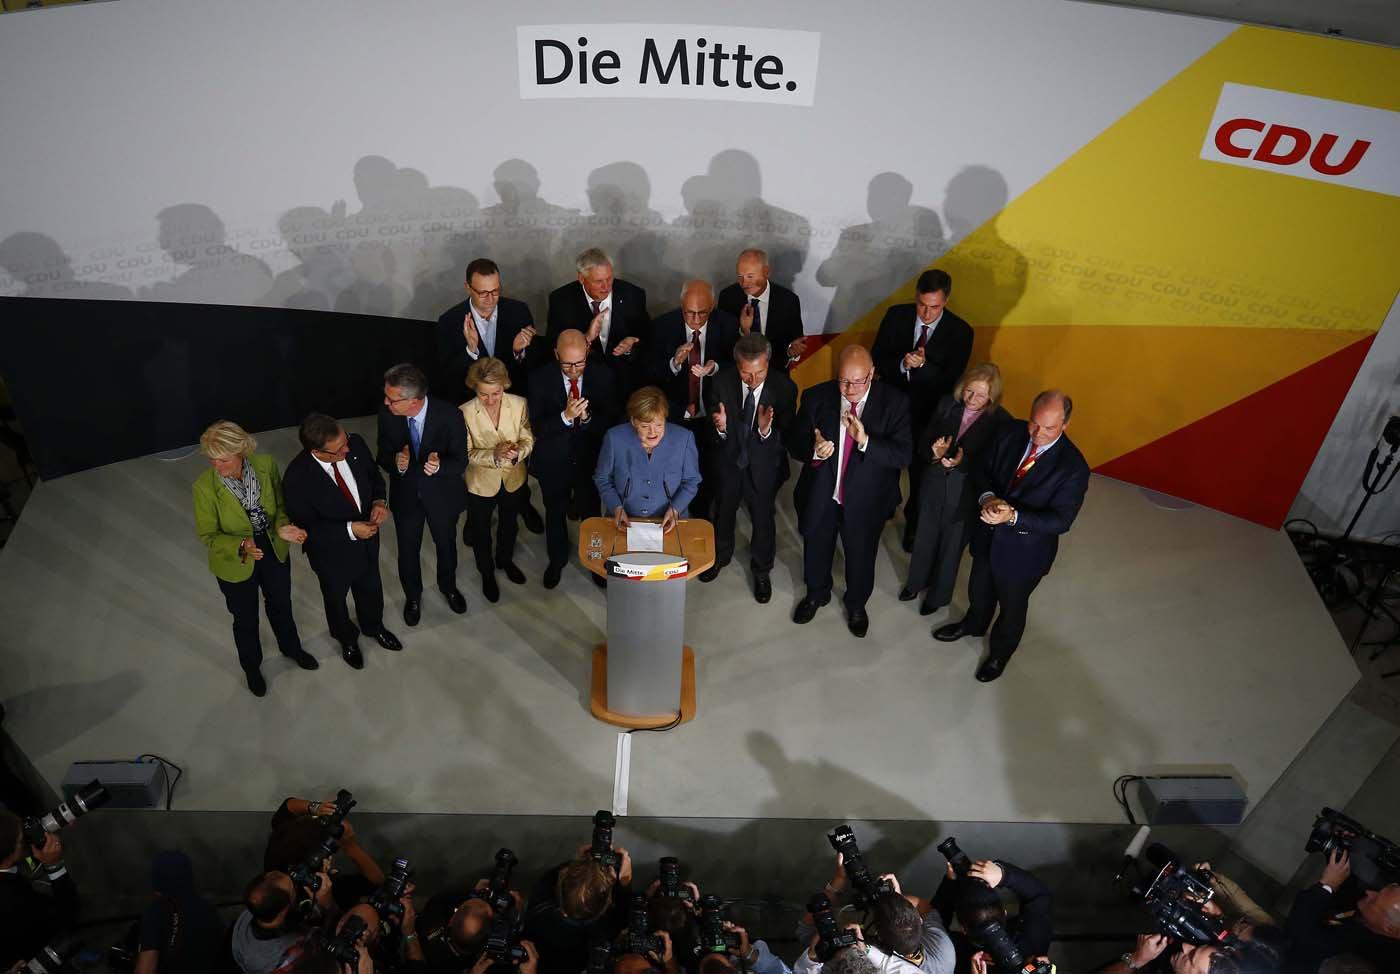 Triunfo de Merkel en elecciones alemanas, ensombrecido por auge de la ultraderecha